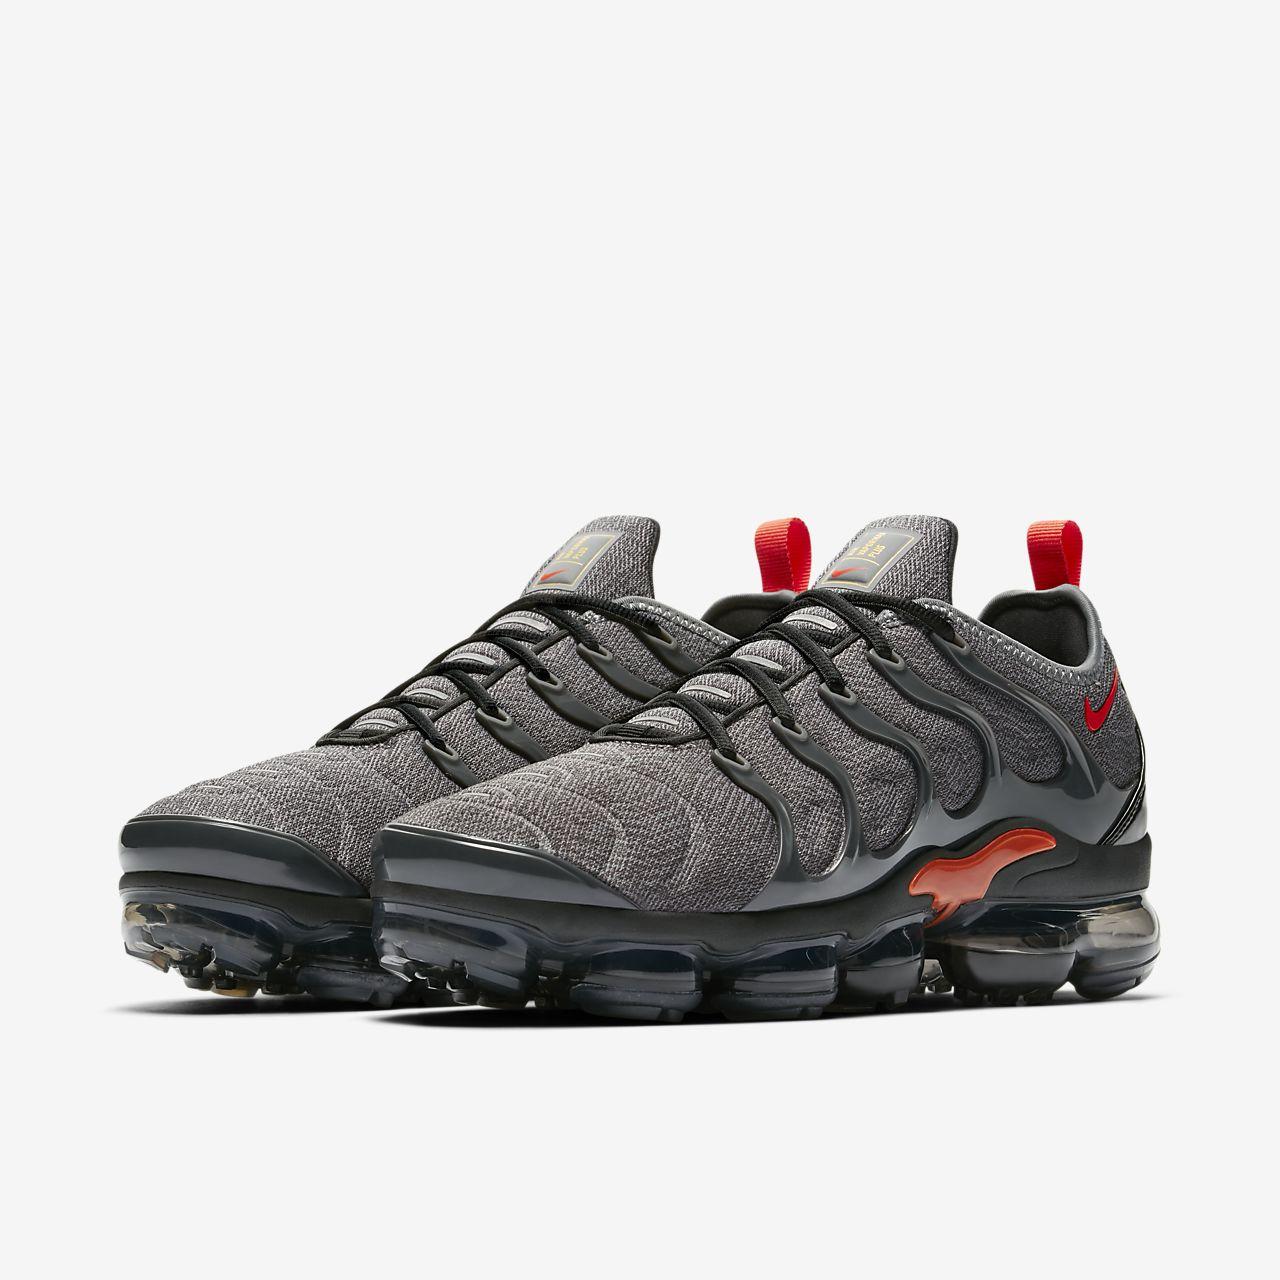 56e89f9580b10 Nike Air VaporMax Plus Men s Shoe. Nike.com DK